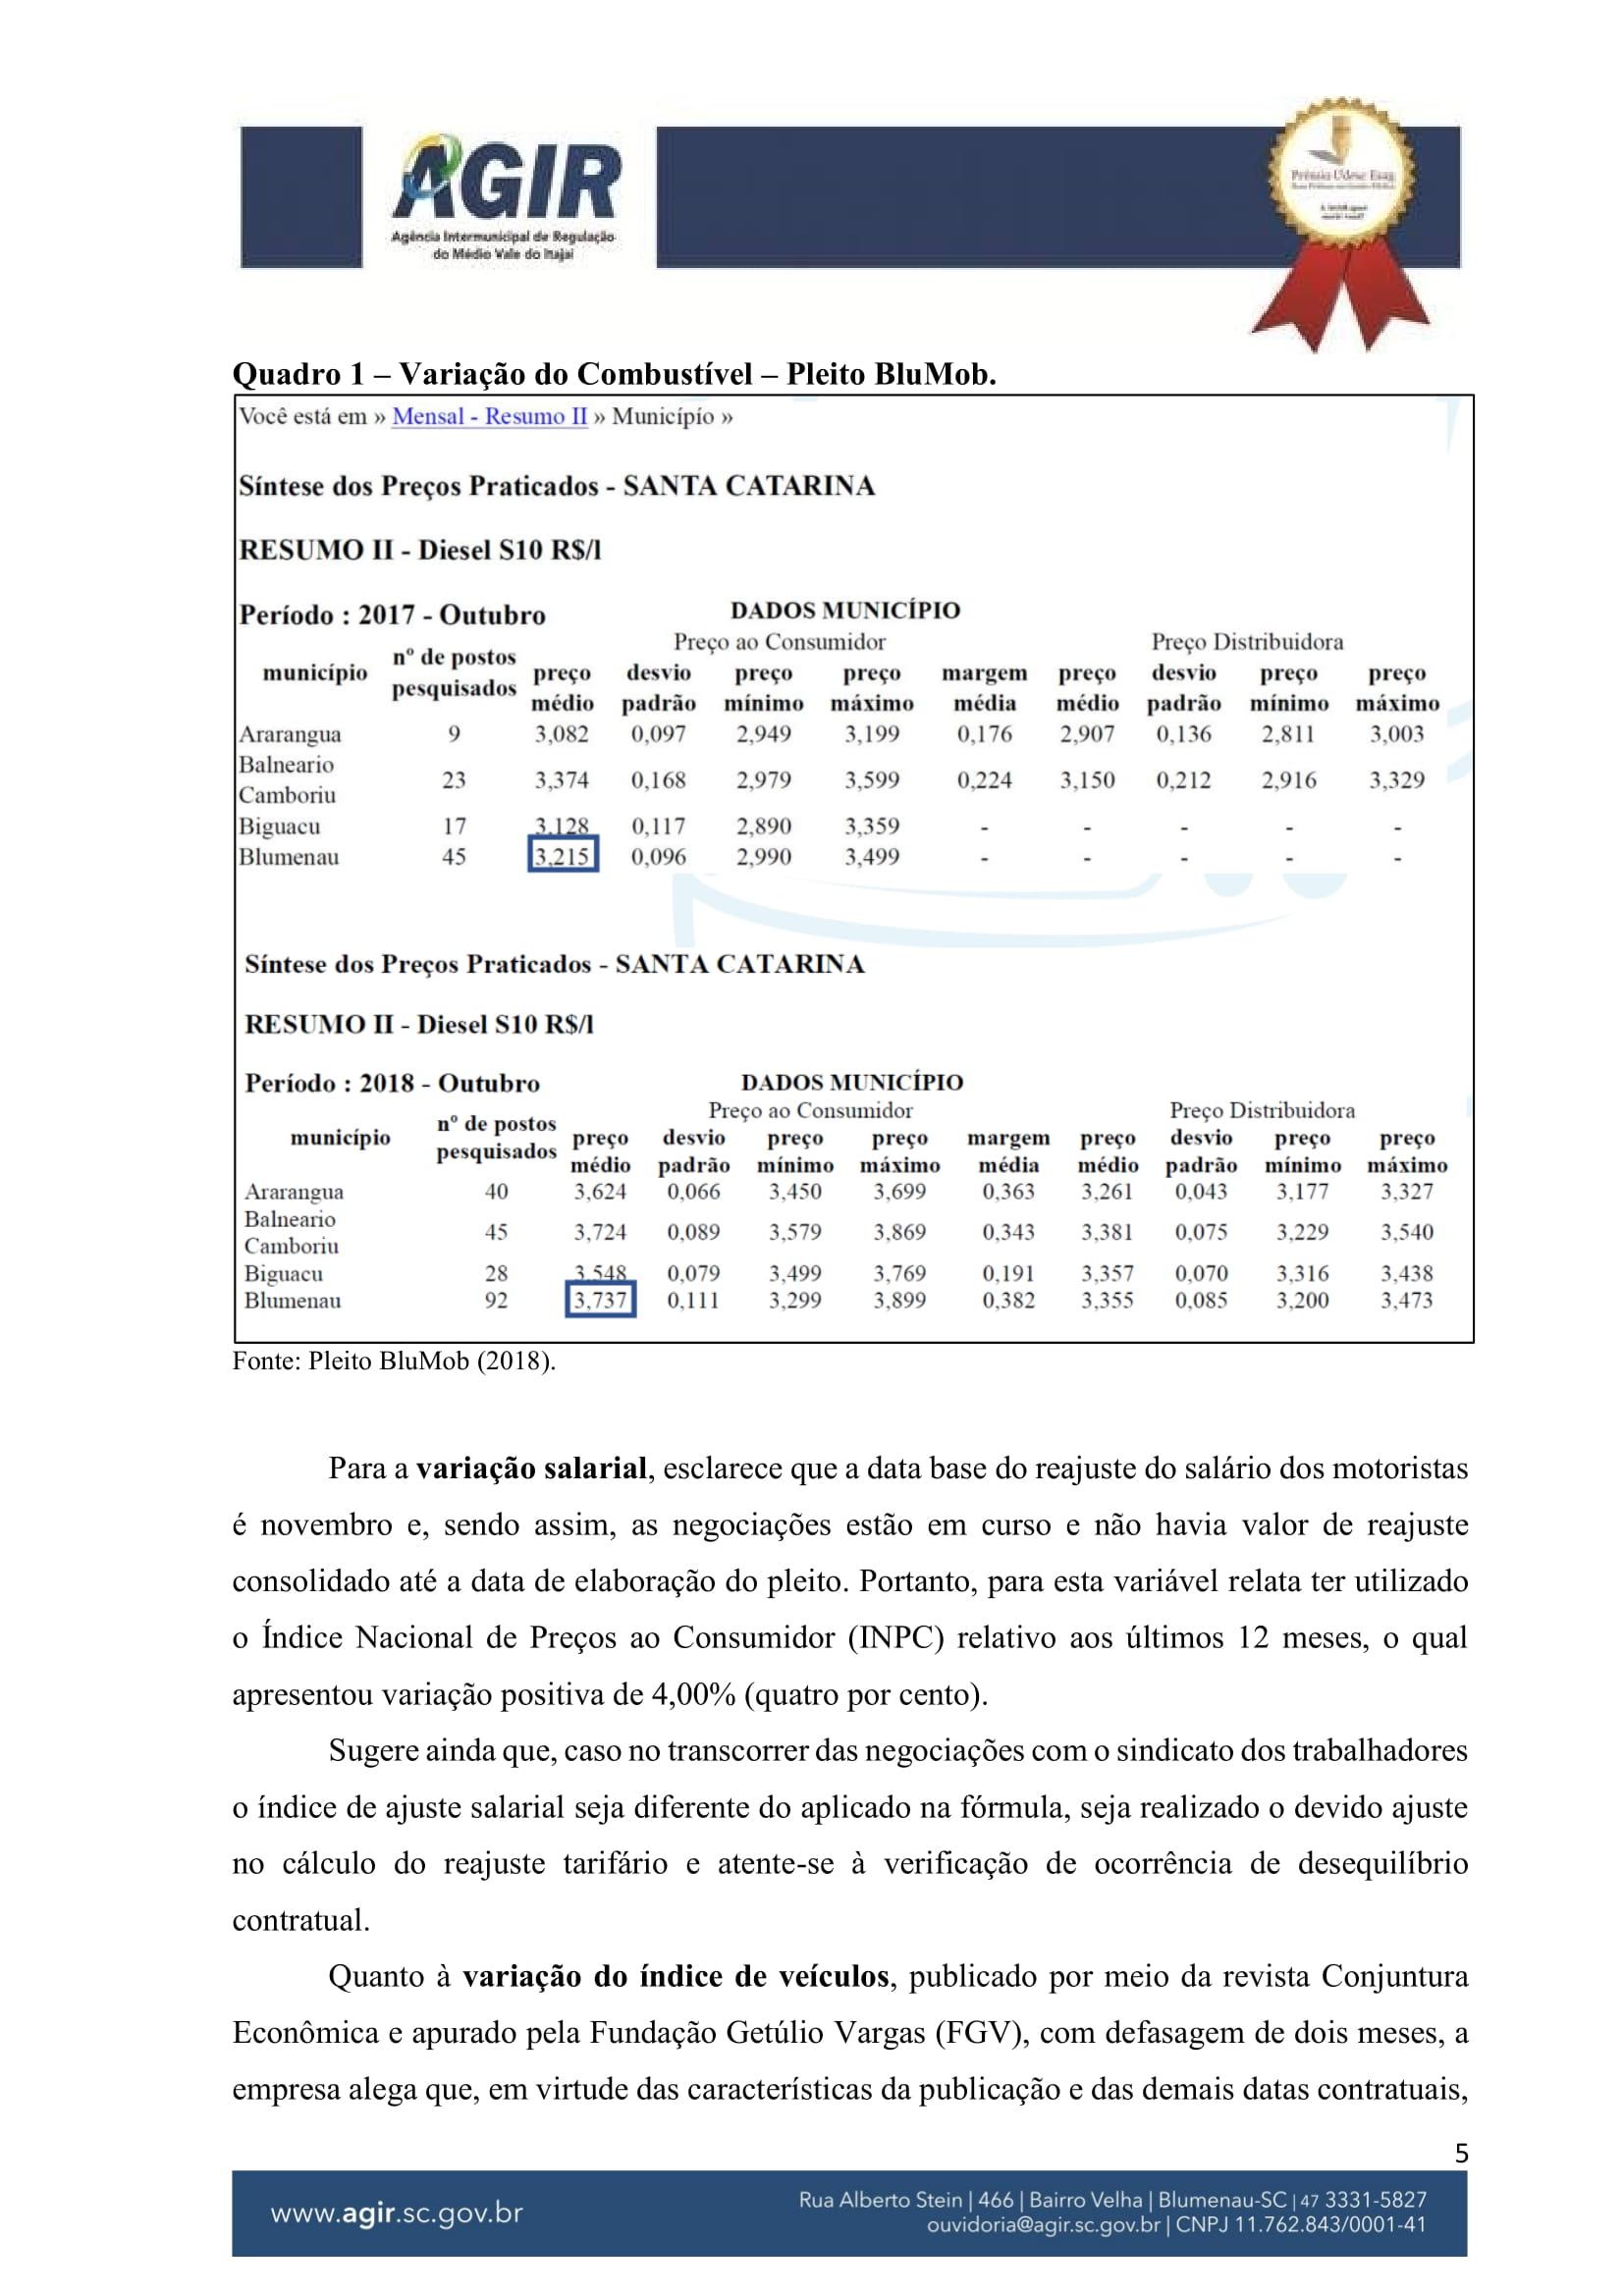 Parecer Administrativo nº 70-2018-05